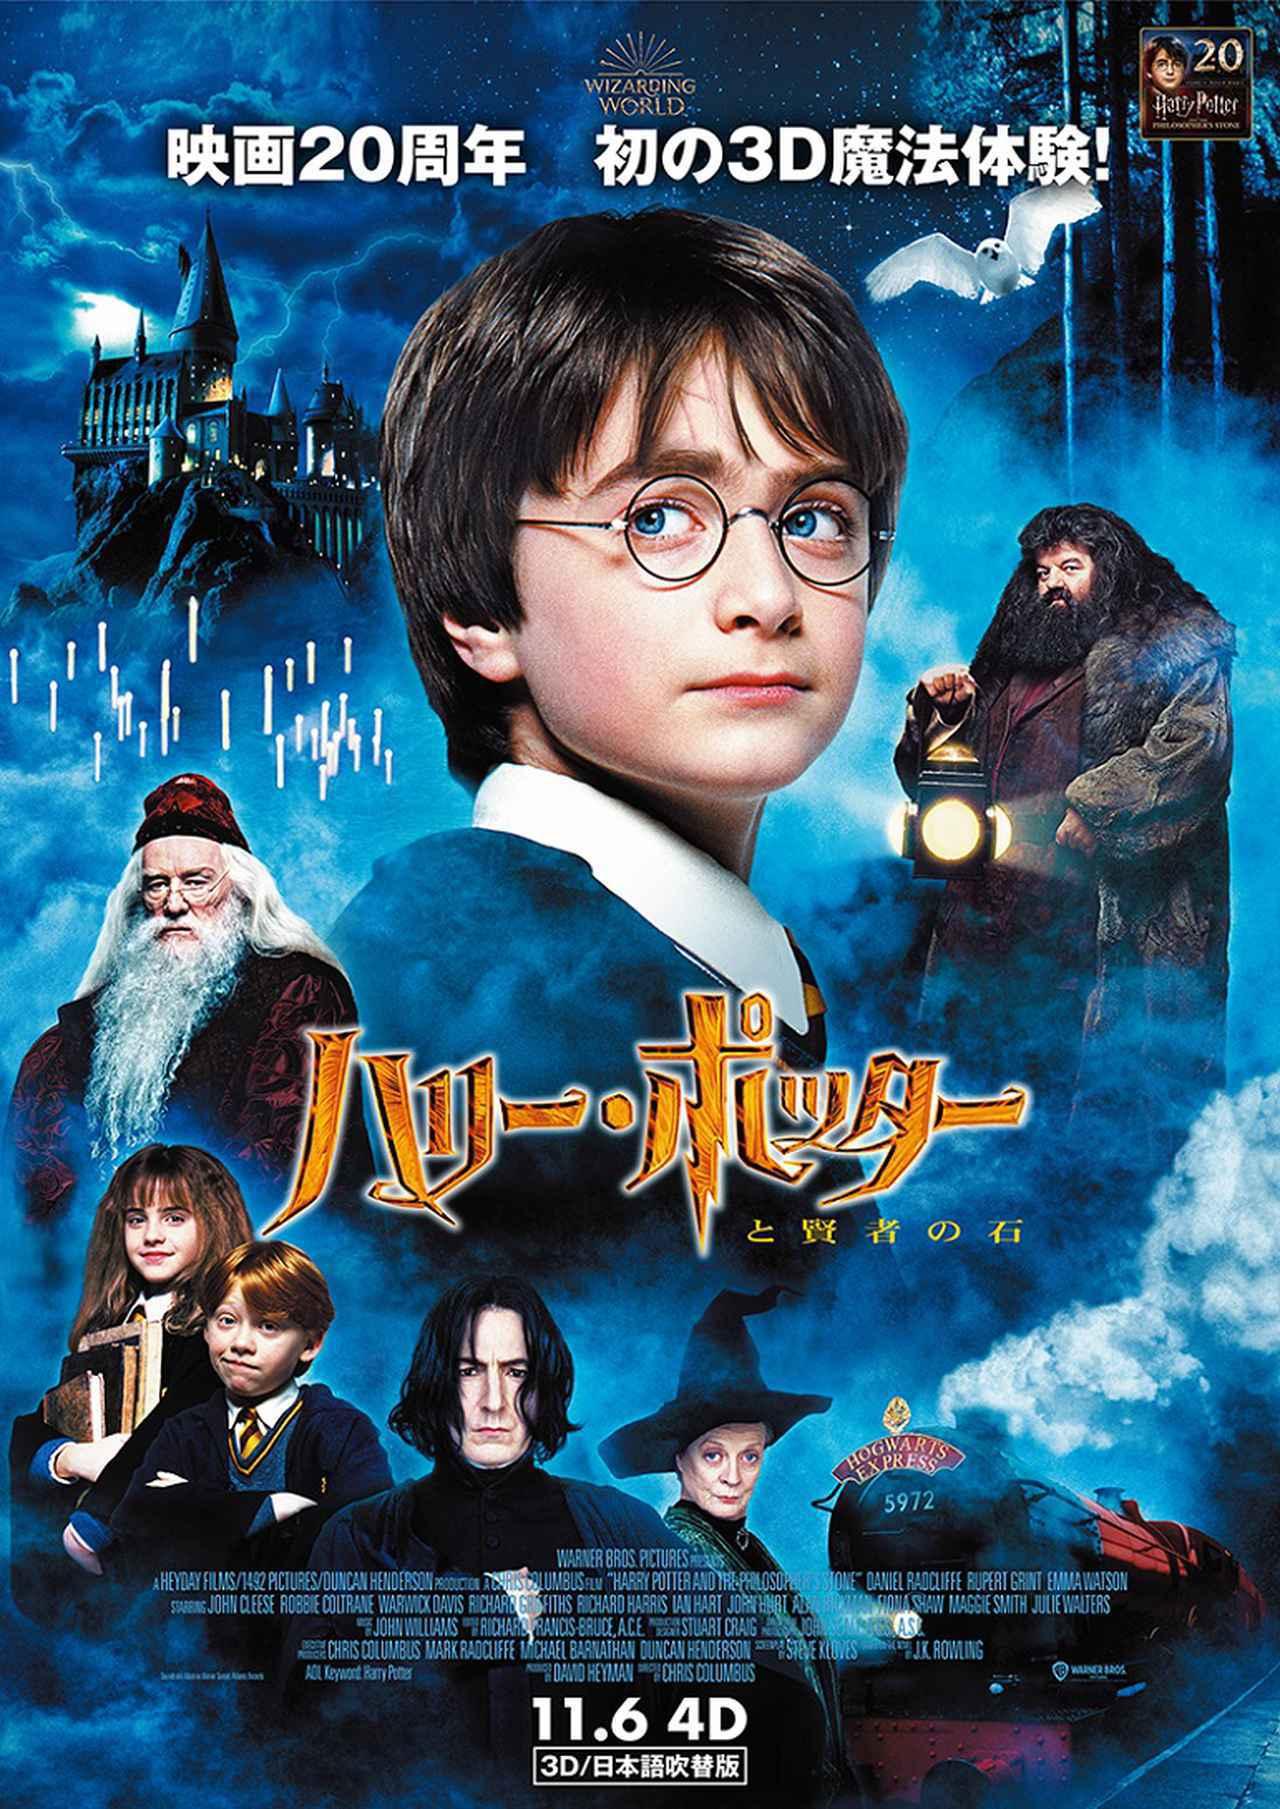 画像: (TM) & (c)2001 Warner Bros. Ent. Harry Potter Publishing Rights (c) J.K.R.